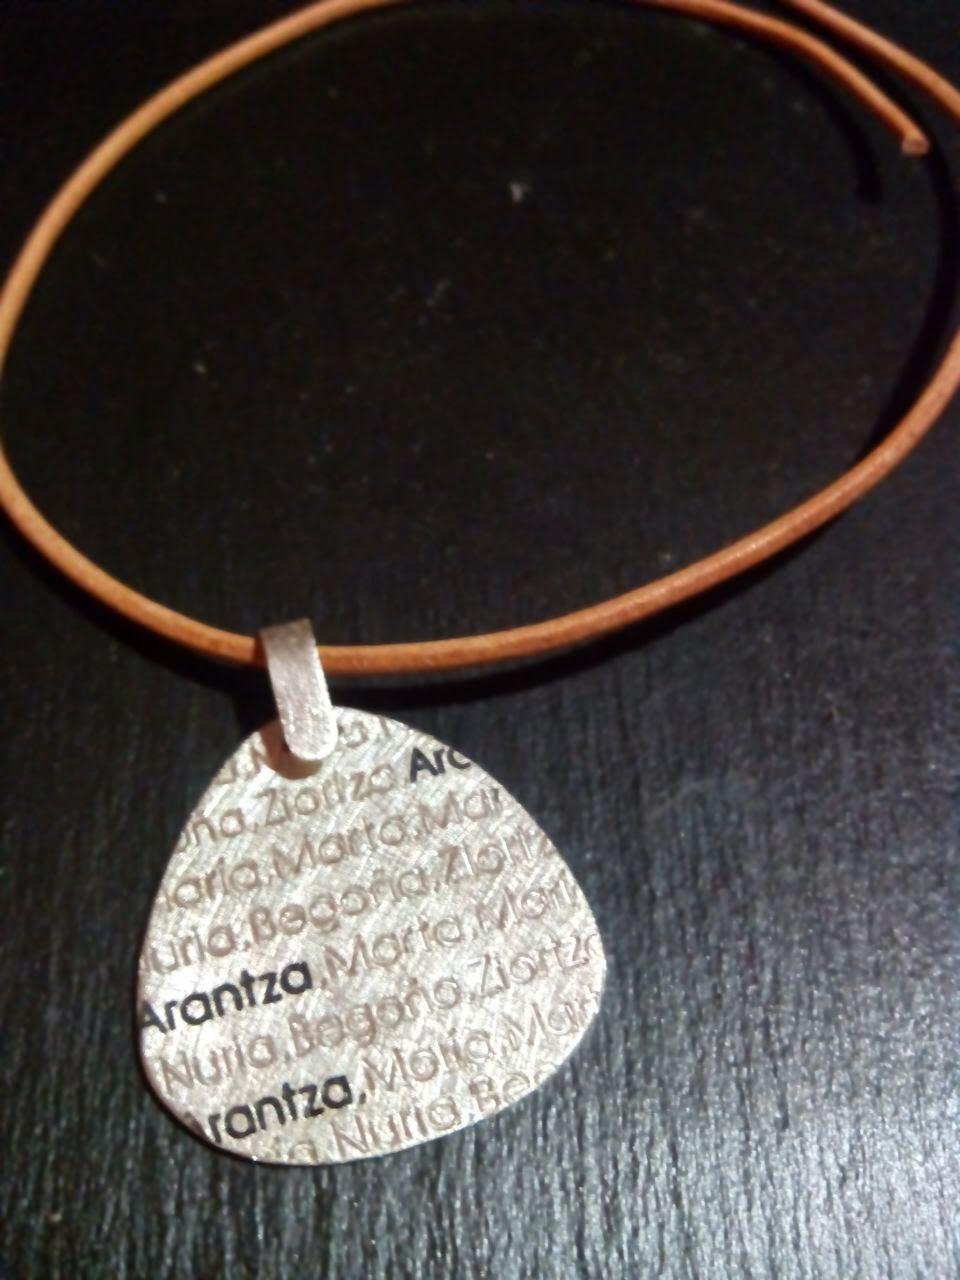 Chapa de plata personalizada artesanal varios nombres, colgante joyería